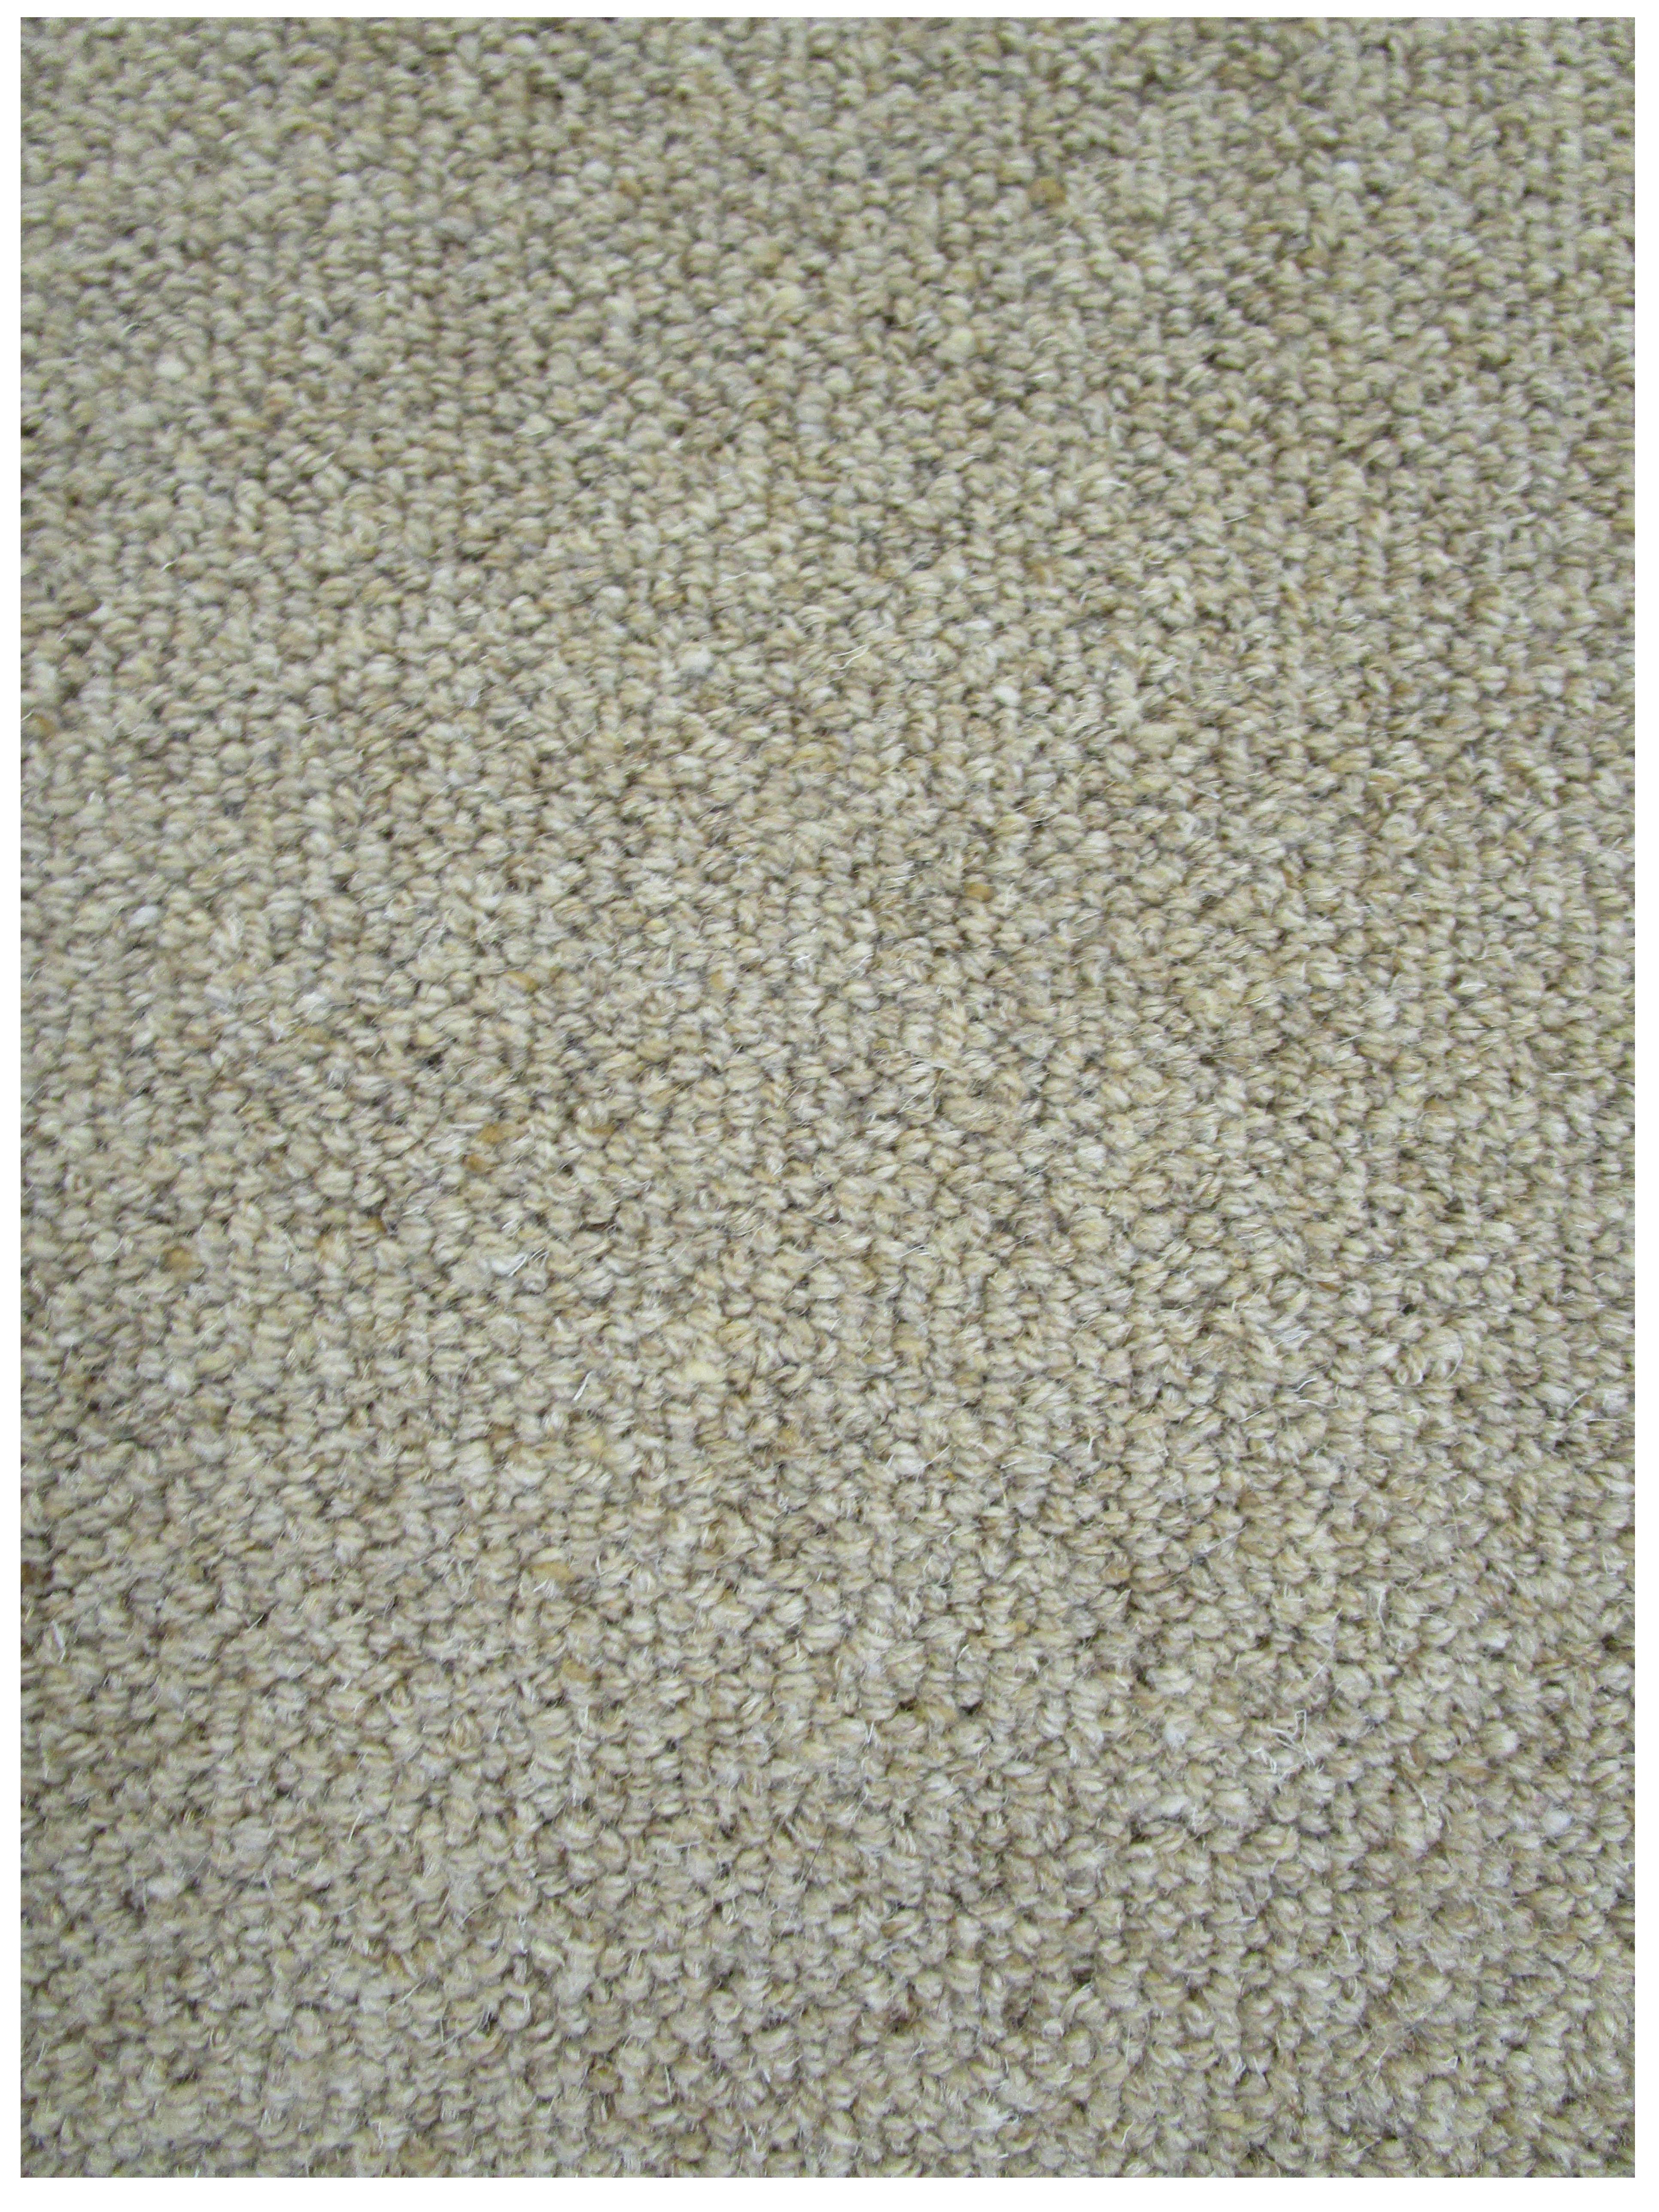 YM282 Line Beige 28 oz. Eco Friendly Rug or Carpet